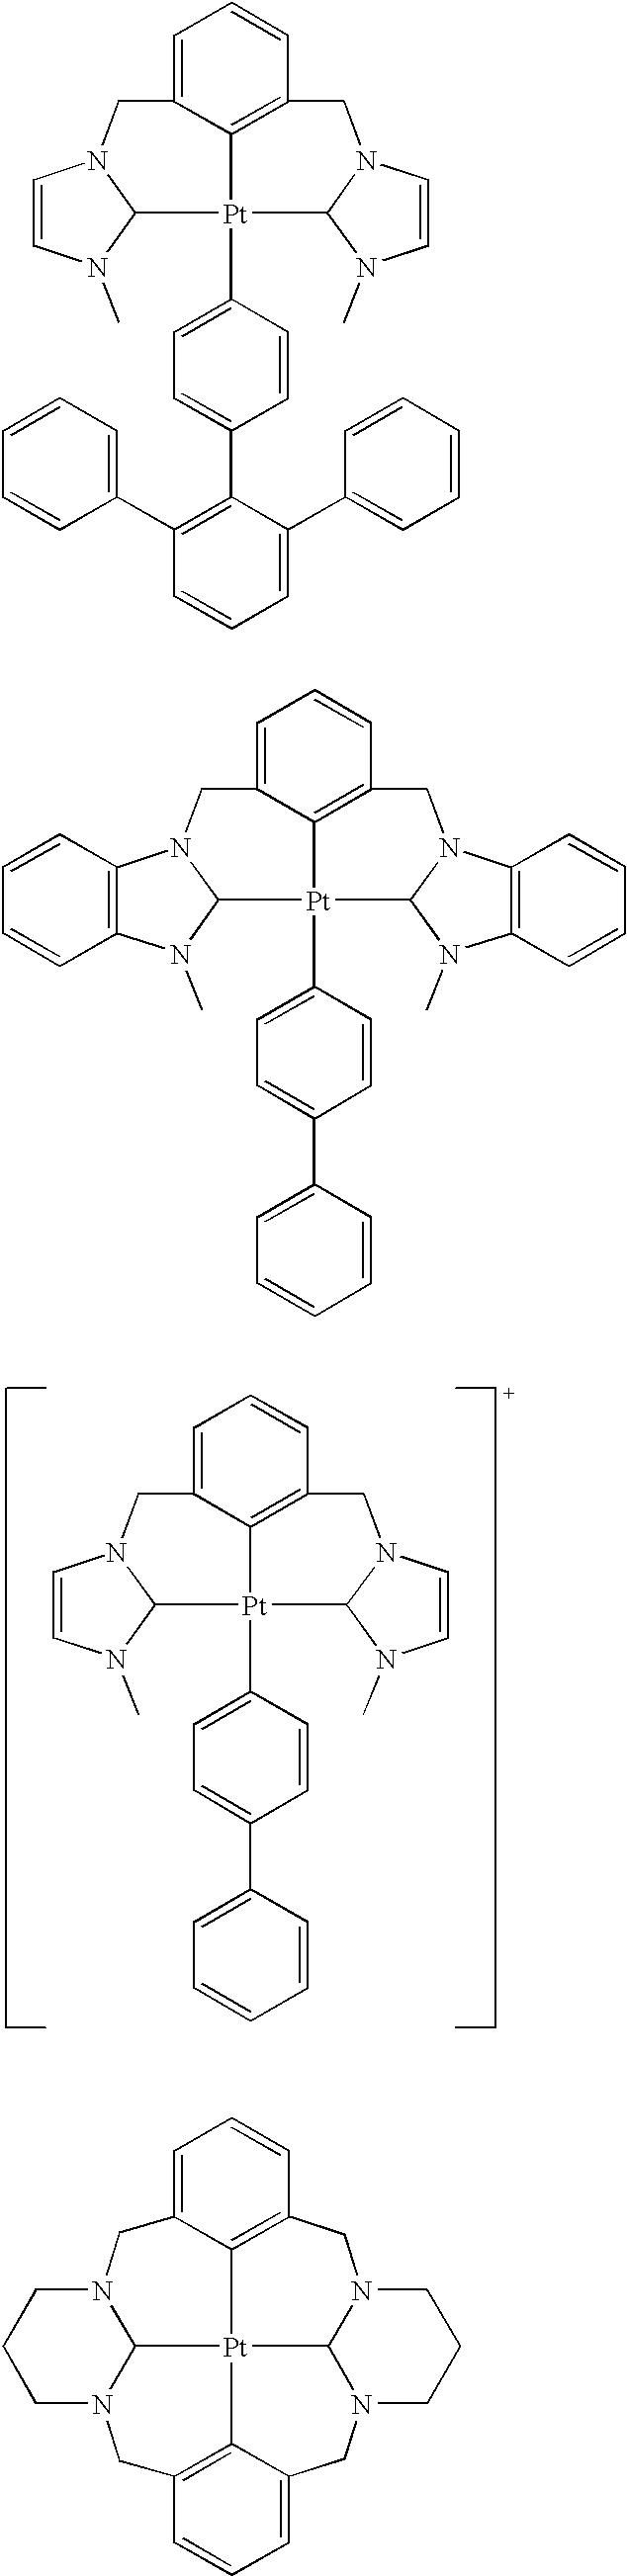 Figure US07655323-20100202-C00066